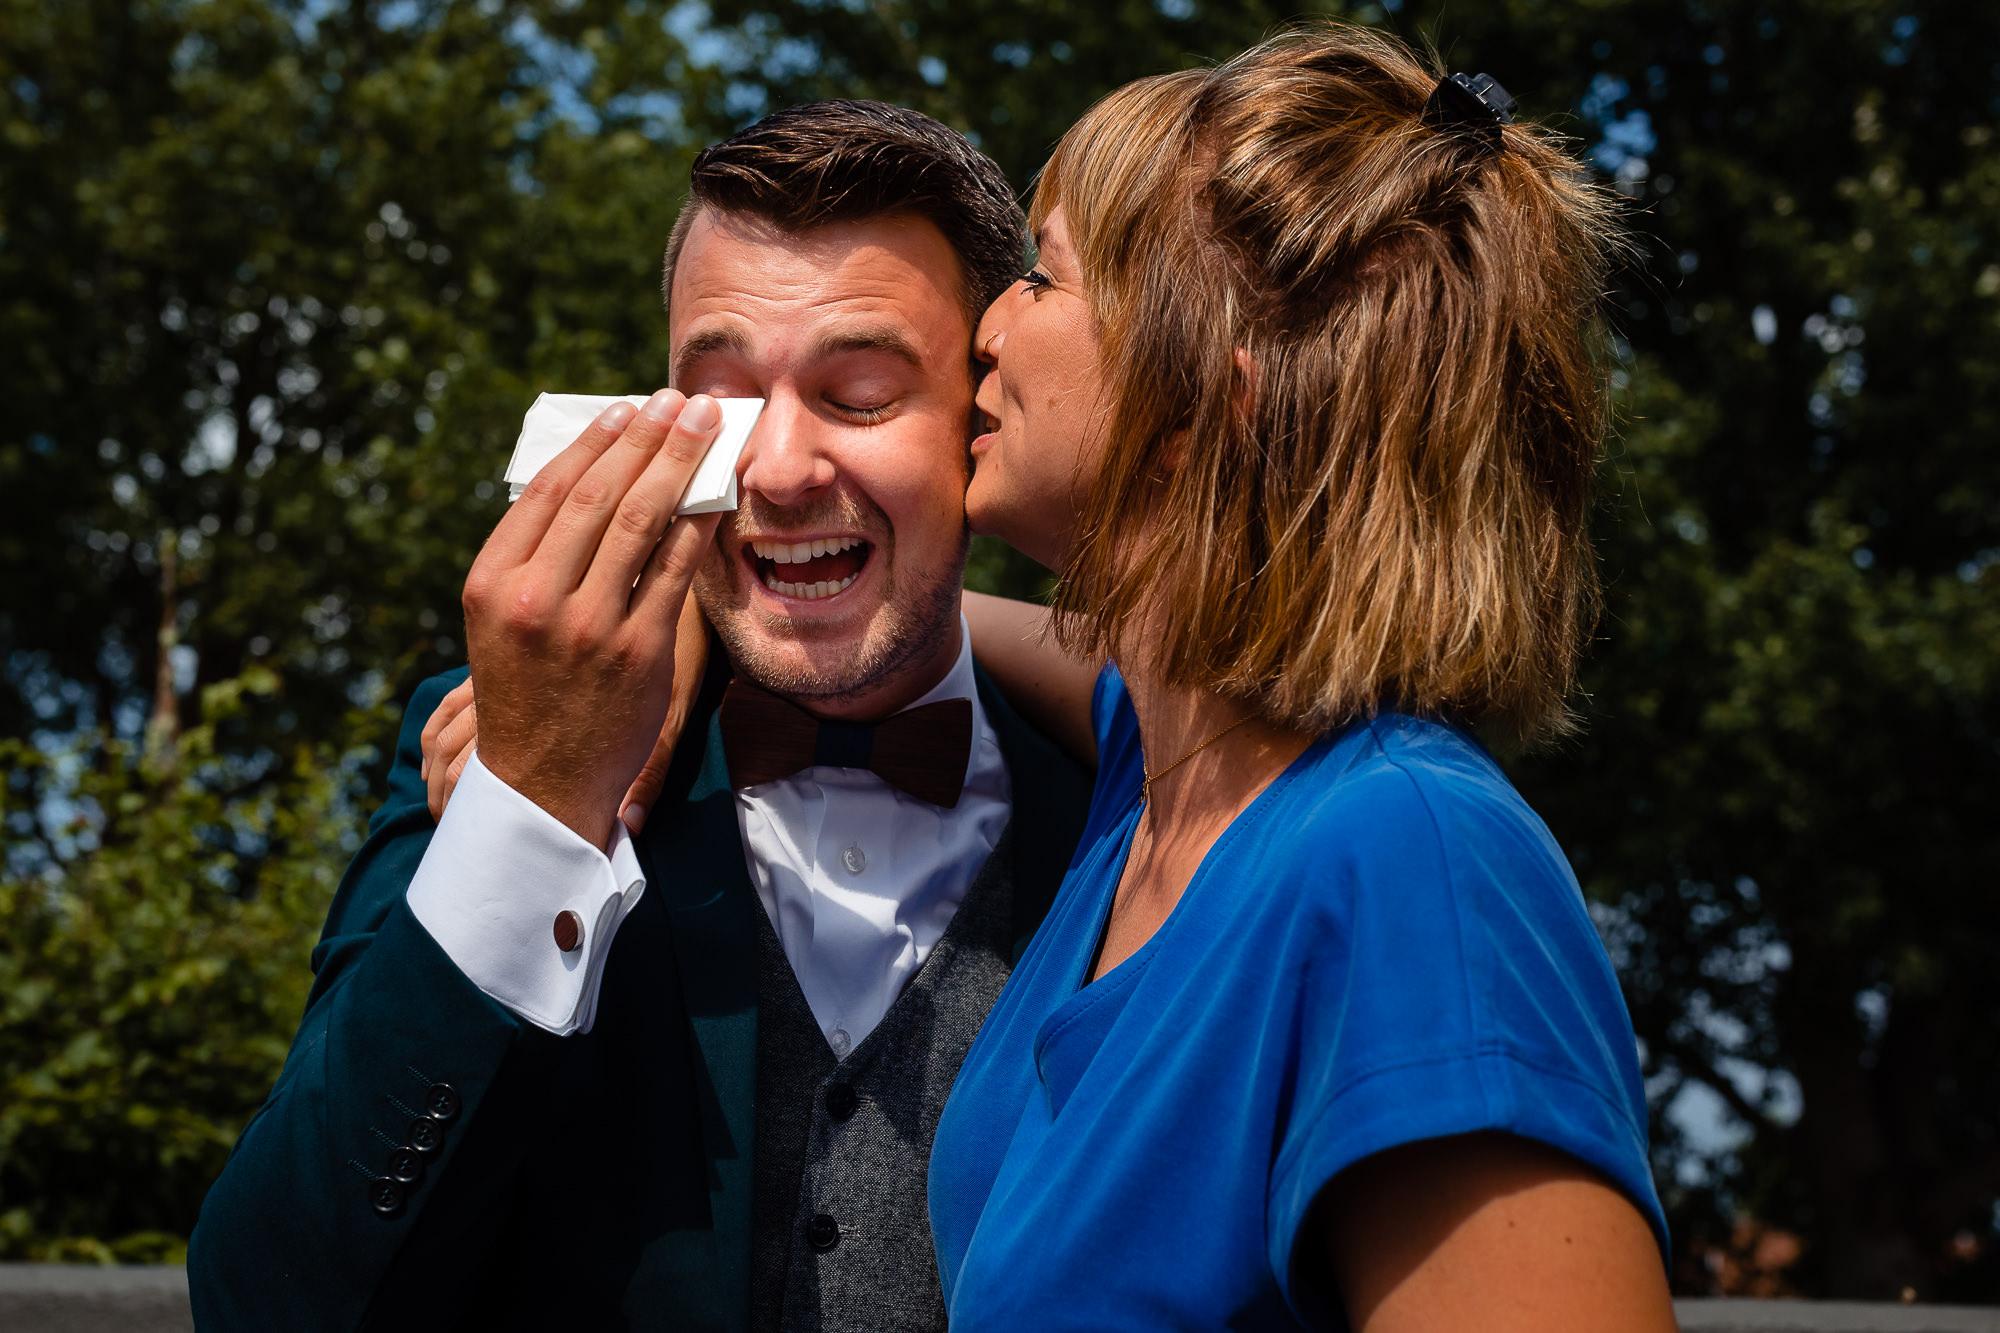 Vriendin kust de bruidegom terwijl hij een traan weg veegt